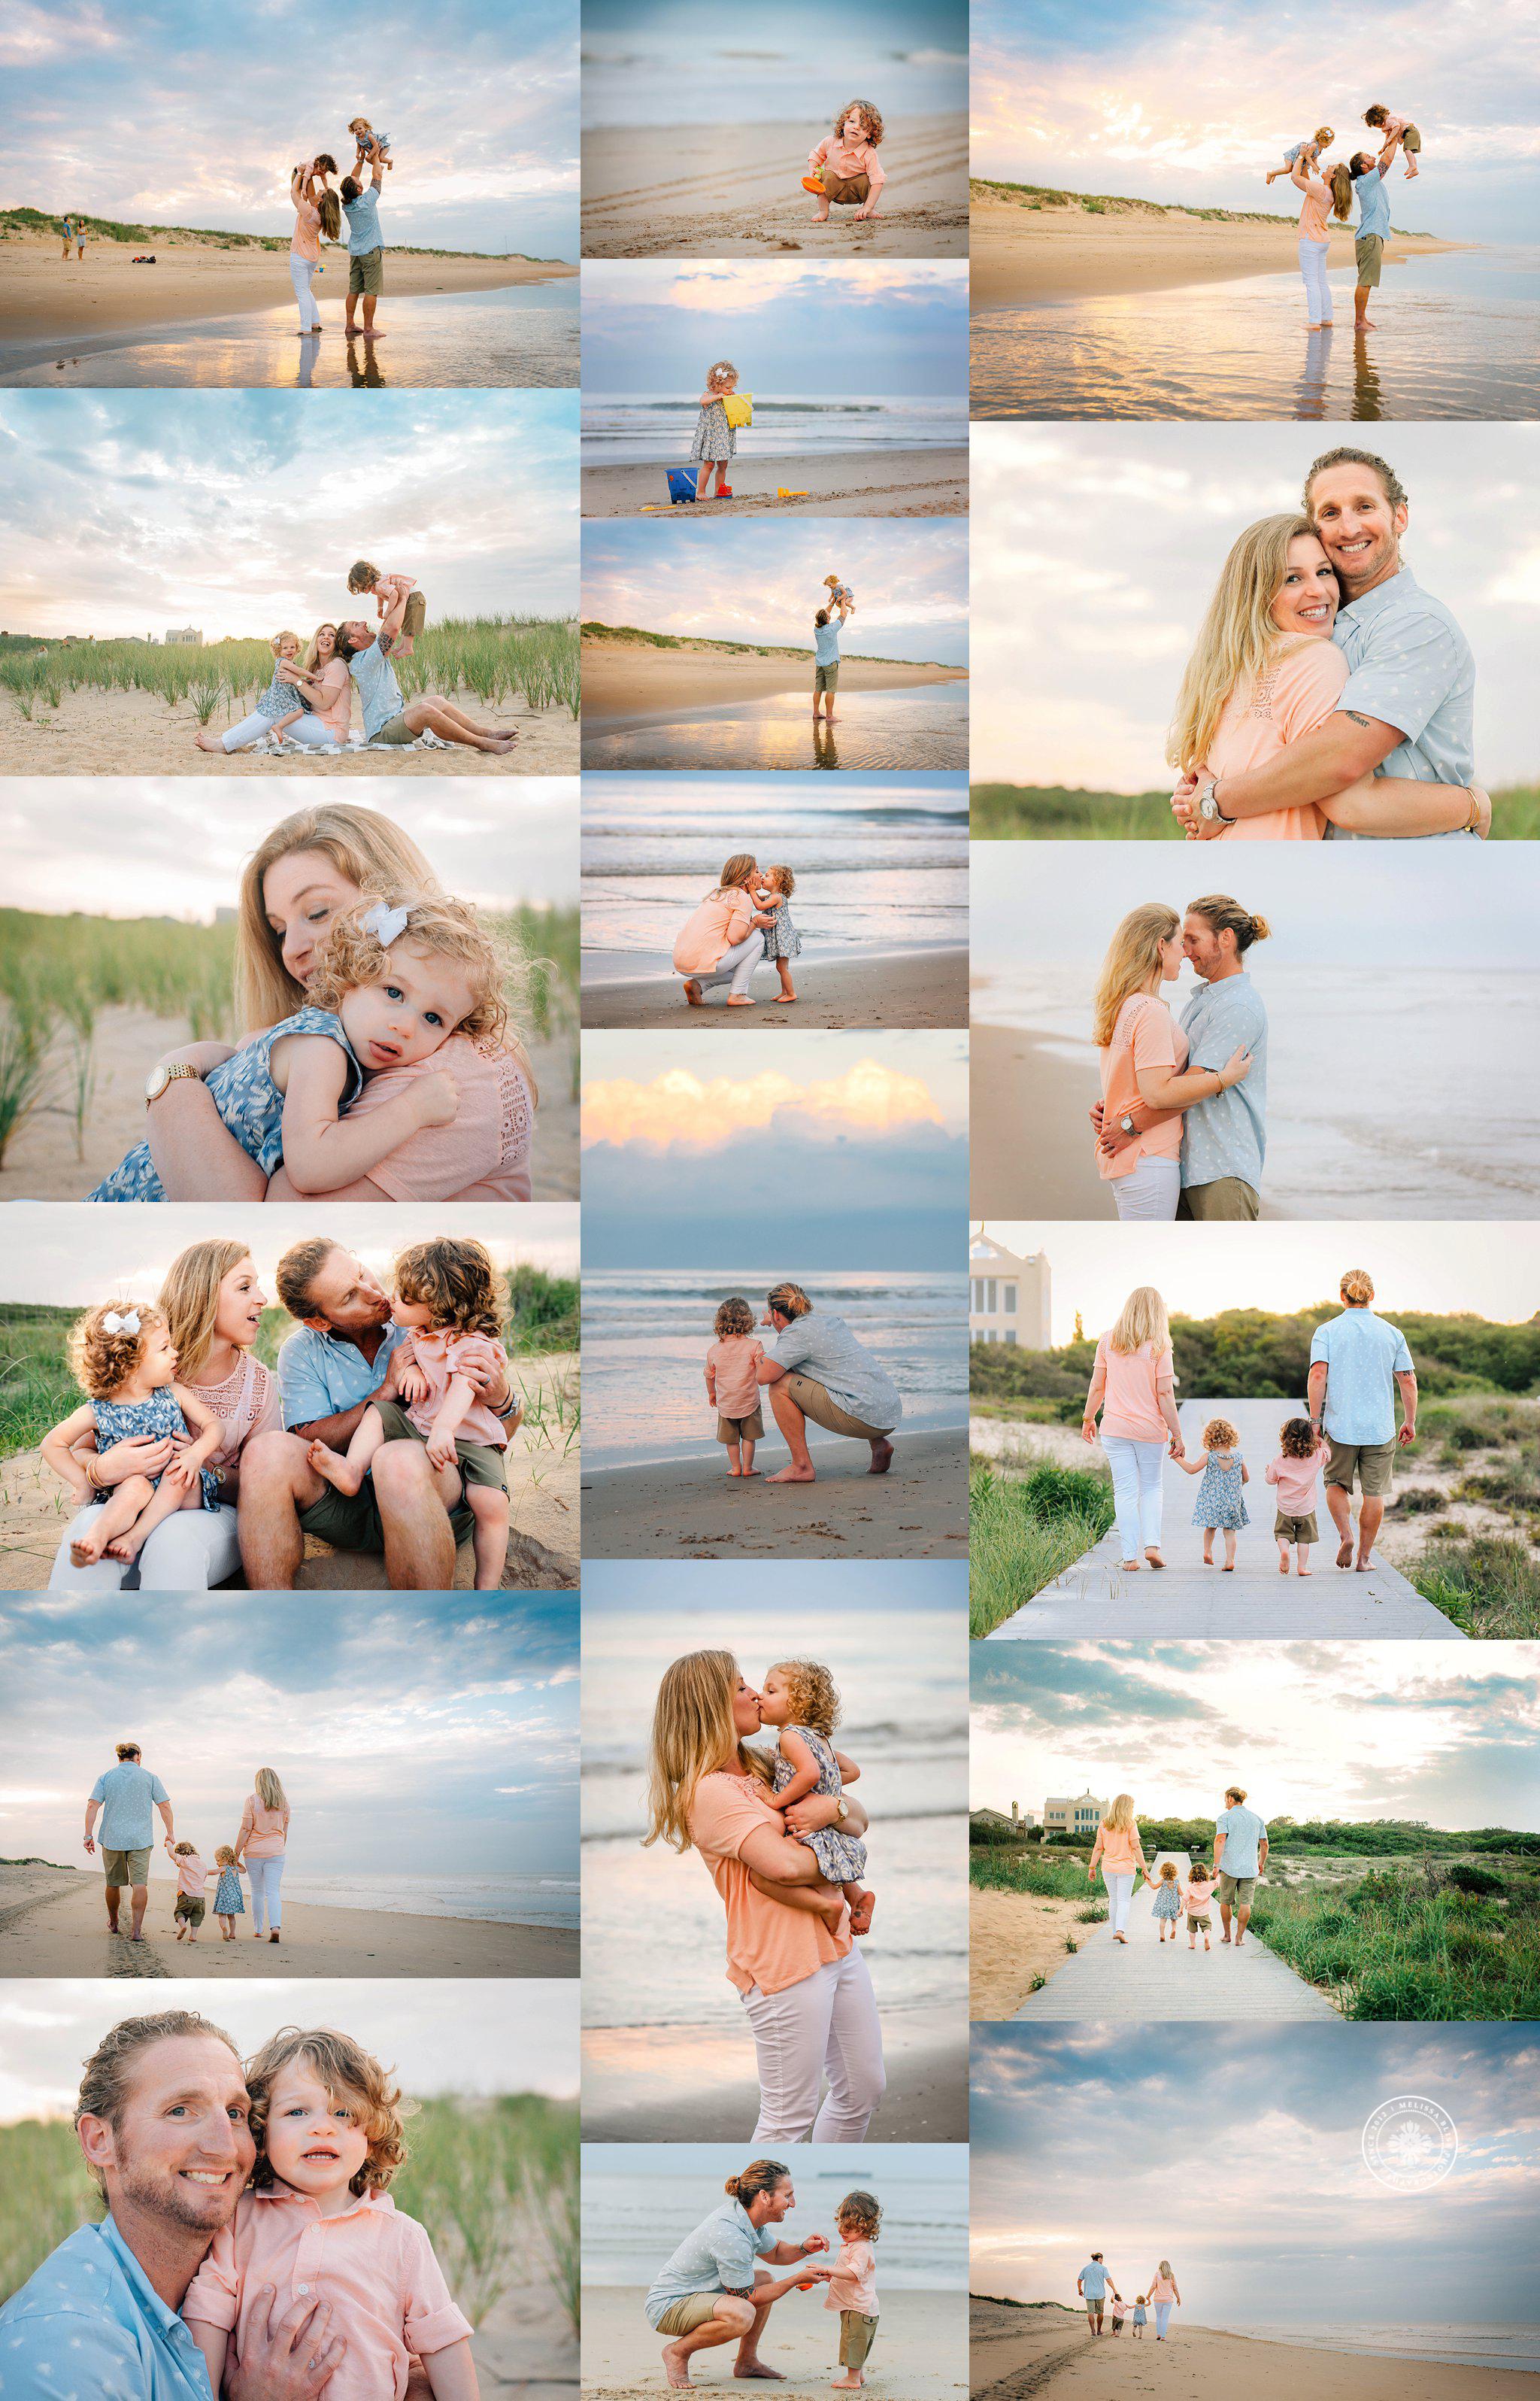 family-photography-beach-photos-family-photo-session-ideas-beach-photography-summer-family-session-inspiration-sunset-melissa-bliss-photography-virginia-beach-sandbridge-photographers.jpg